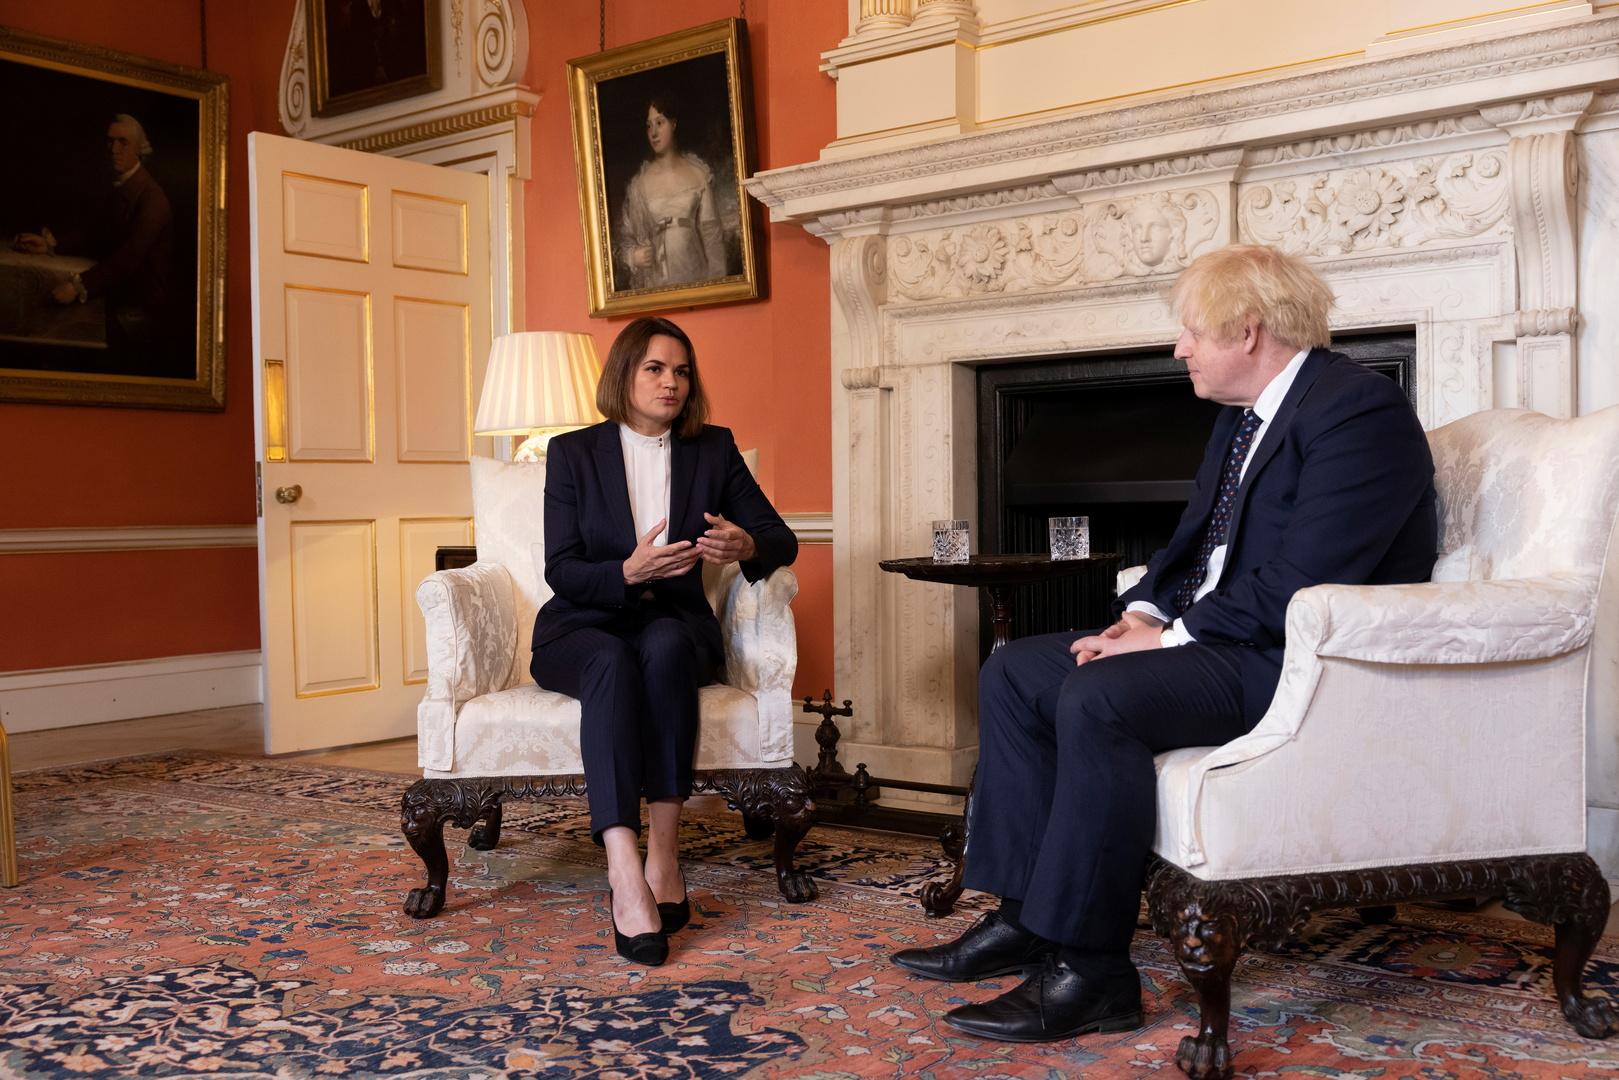 رئيس الوزراء االبريطاني بوريس جونسون يلتقي المرشحة السابقة لرئاسة بيلاروس سفيتلانا تيخانوفسكايا